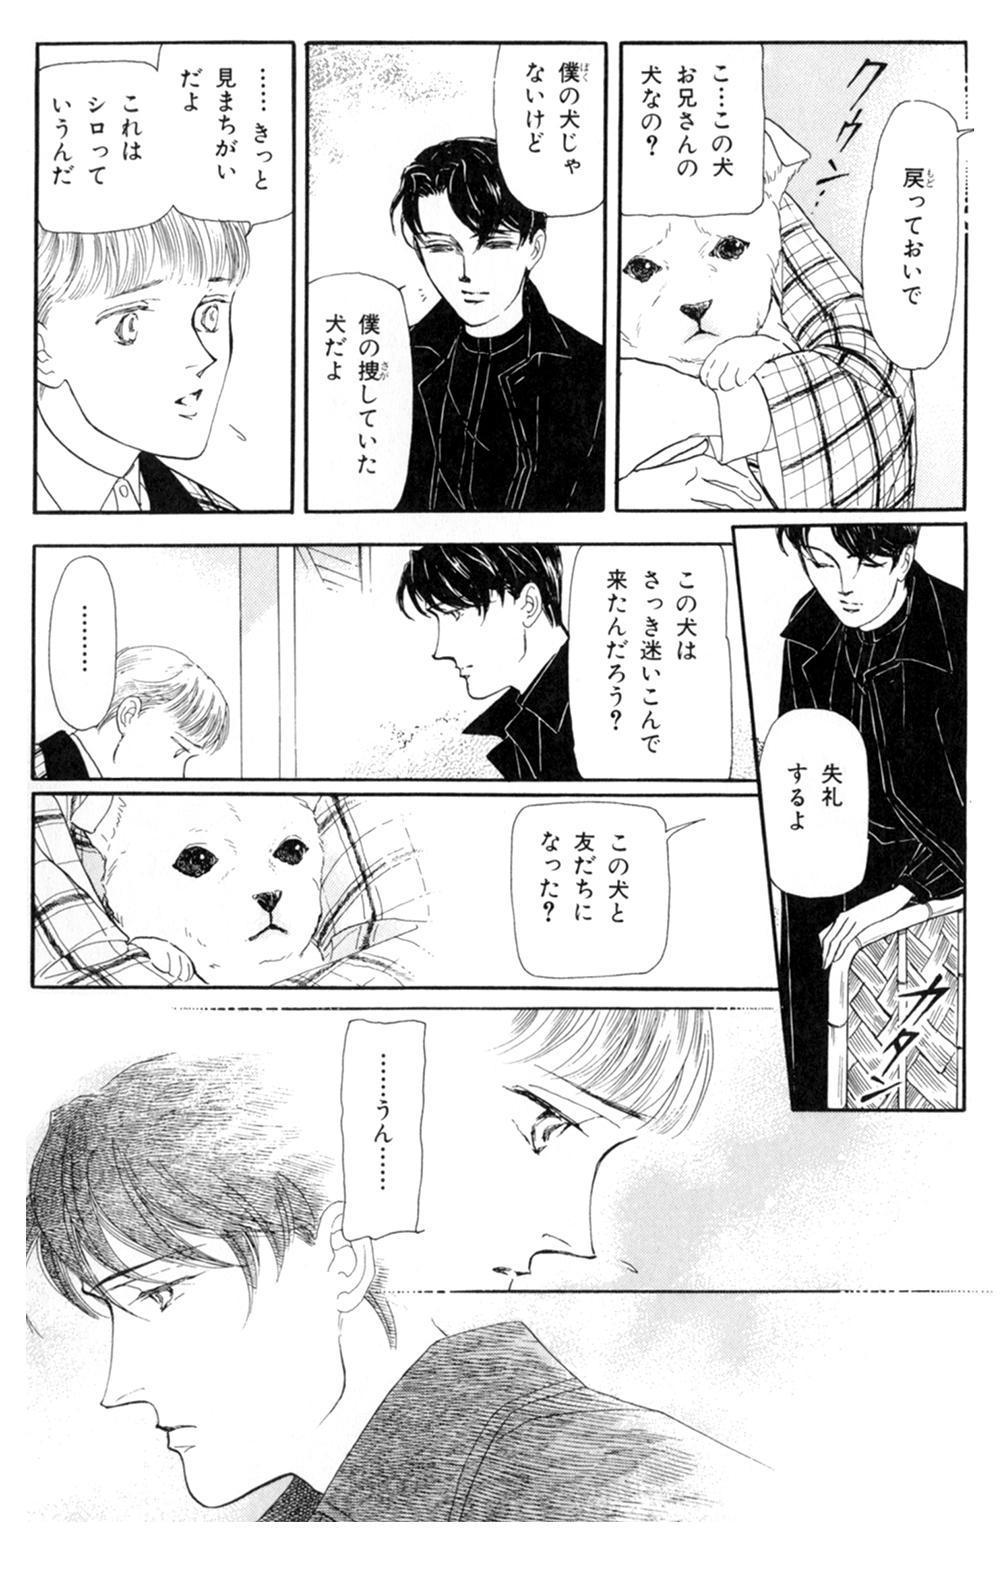 雨柳堂夢咄 第5話「太郎丸」①uryudo-03-155.jpg